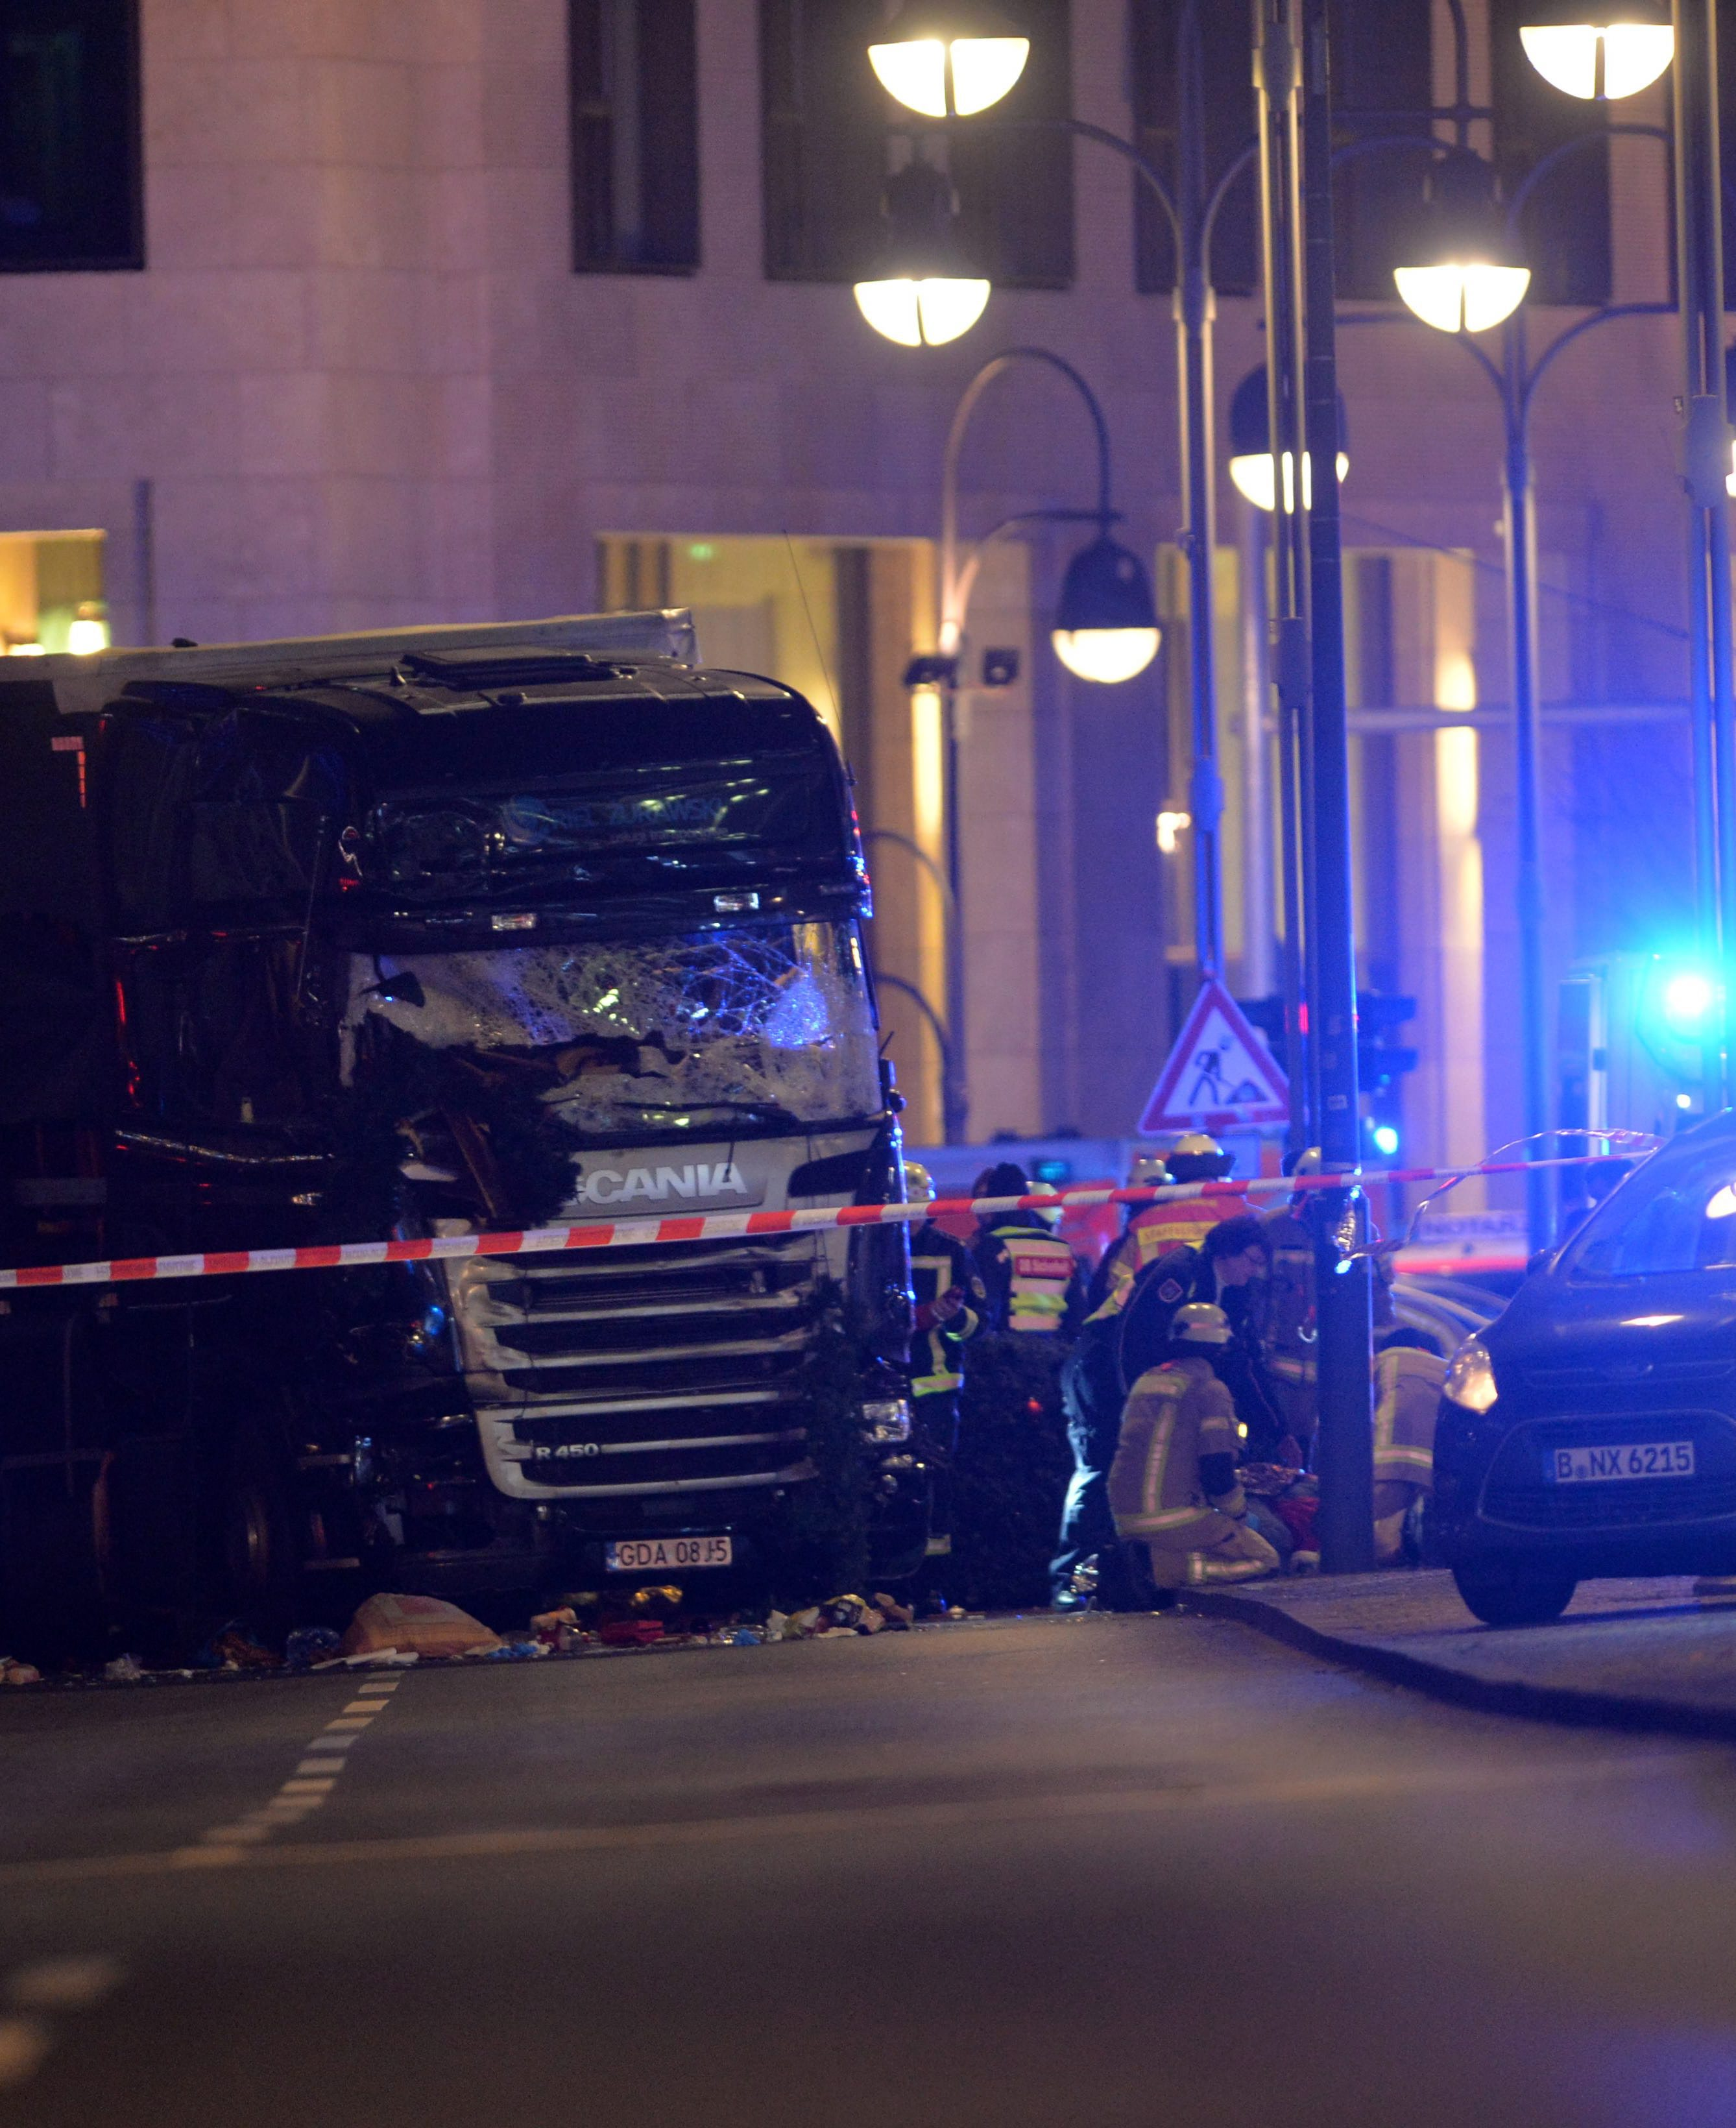 Девет души са убити и най-малко 50 ранени на Коледния базар в Берлин след като камион се вряза сред множеството. Това съобщиха от полицията в града. Инцидентът стана в центъра на западната част на града. Шофьорът на камиона е избягал и се издирва.